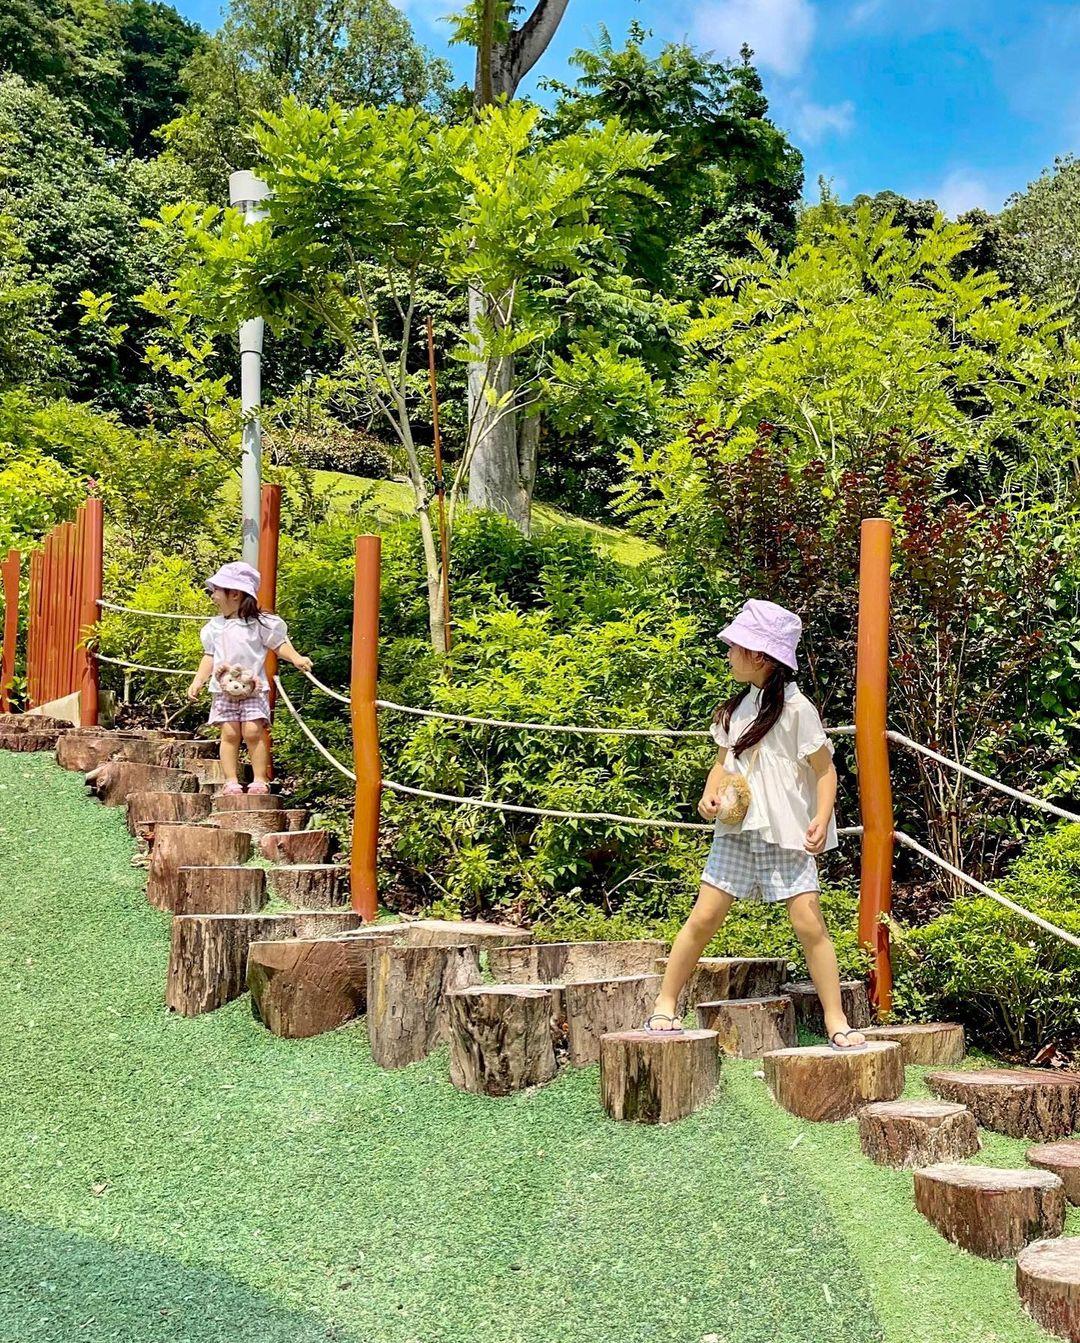 jubilee park nature playground